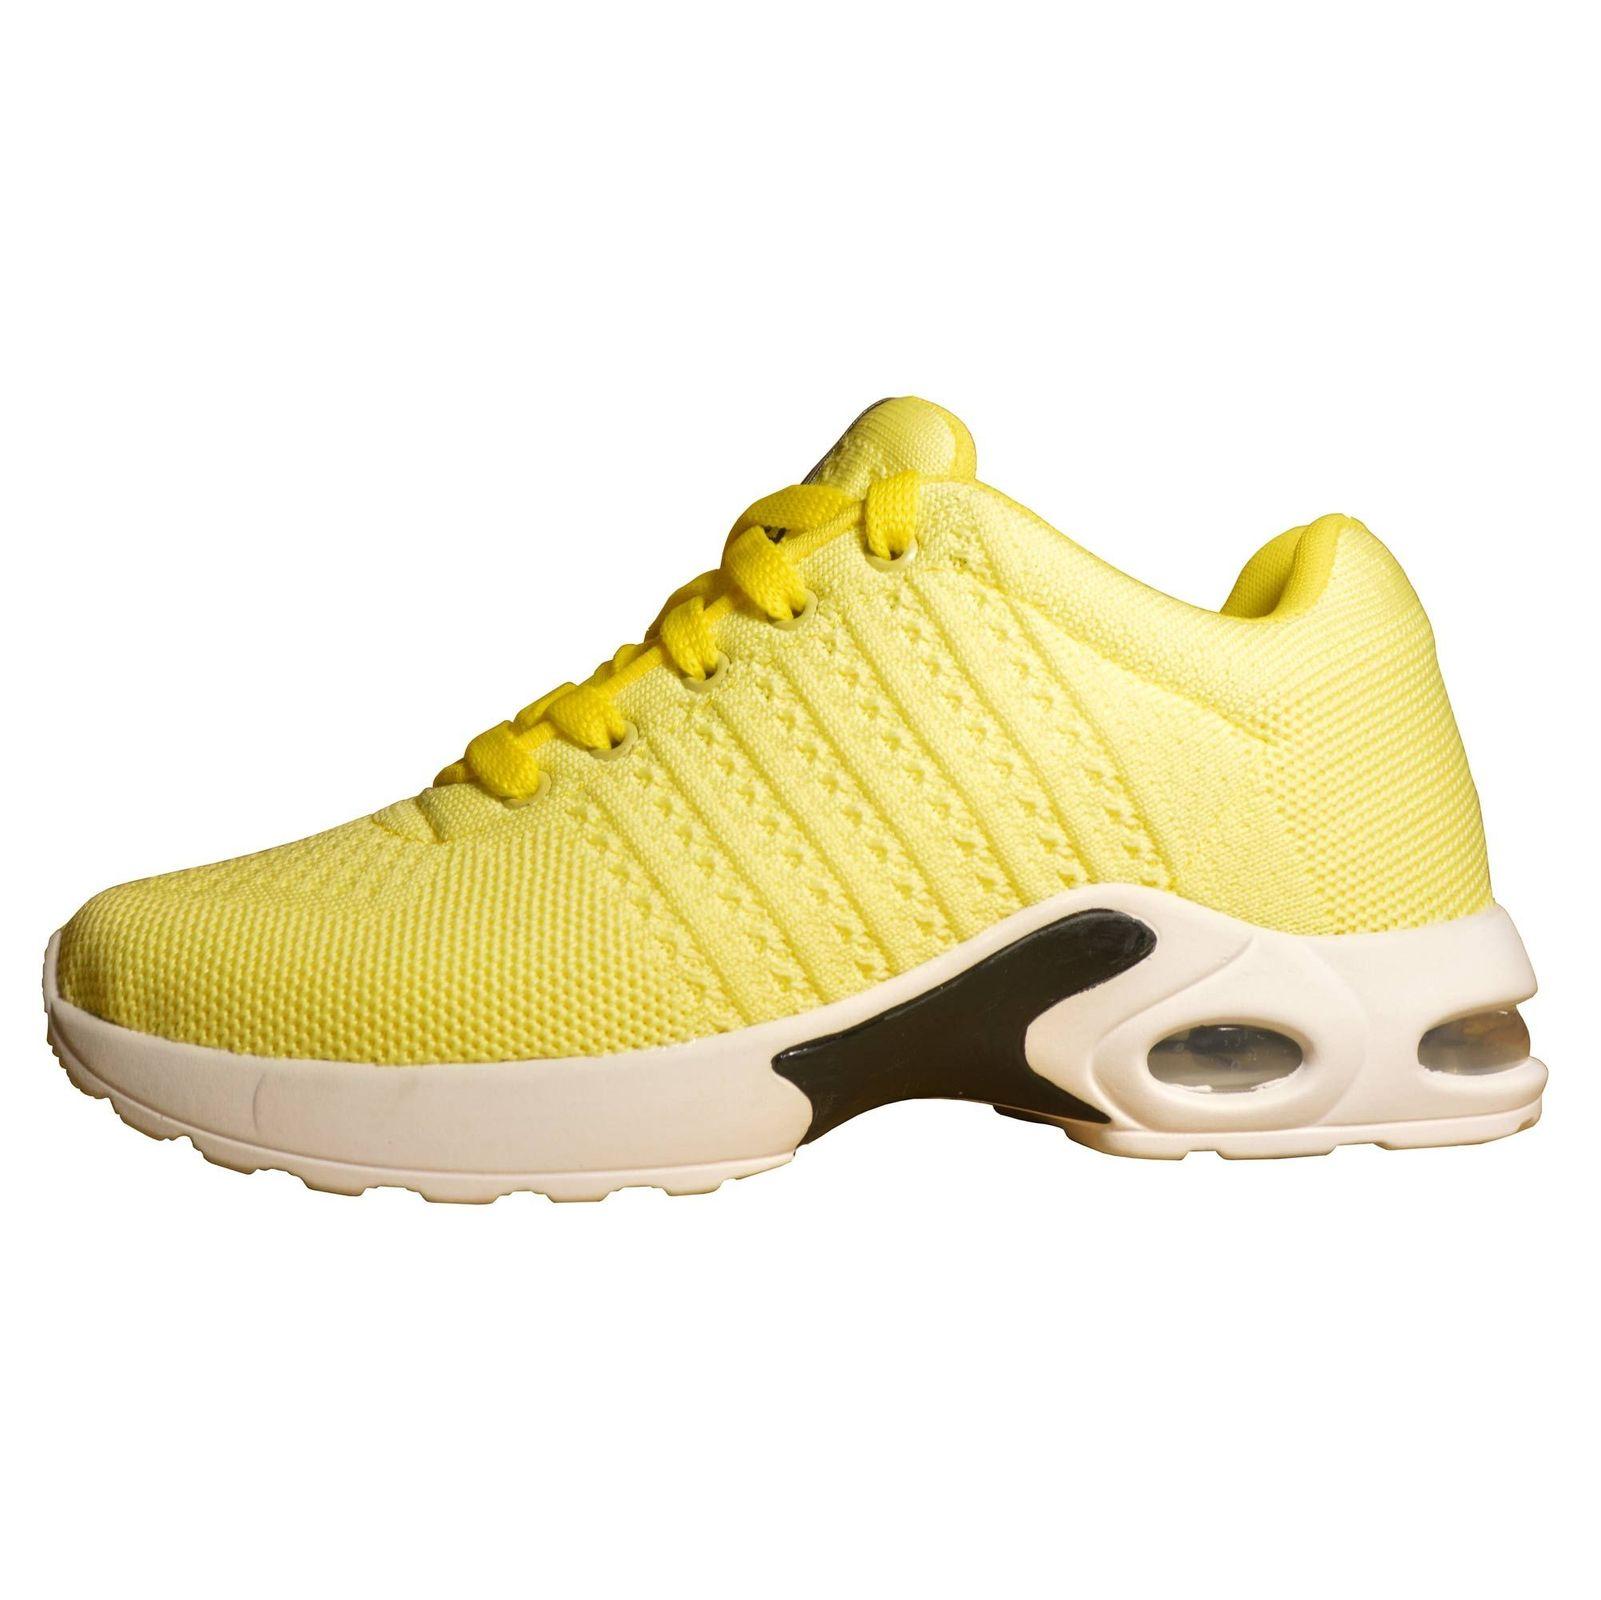 کفش مخصوص پیاده روی زنانه کد 201 main 1 1